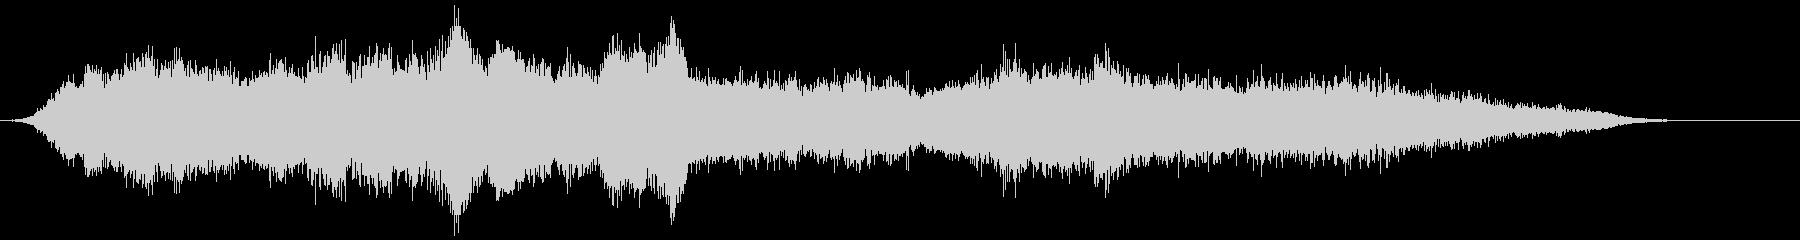 音楽:不気味なホラーパイプオルガン...の未再生の波形